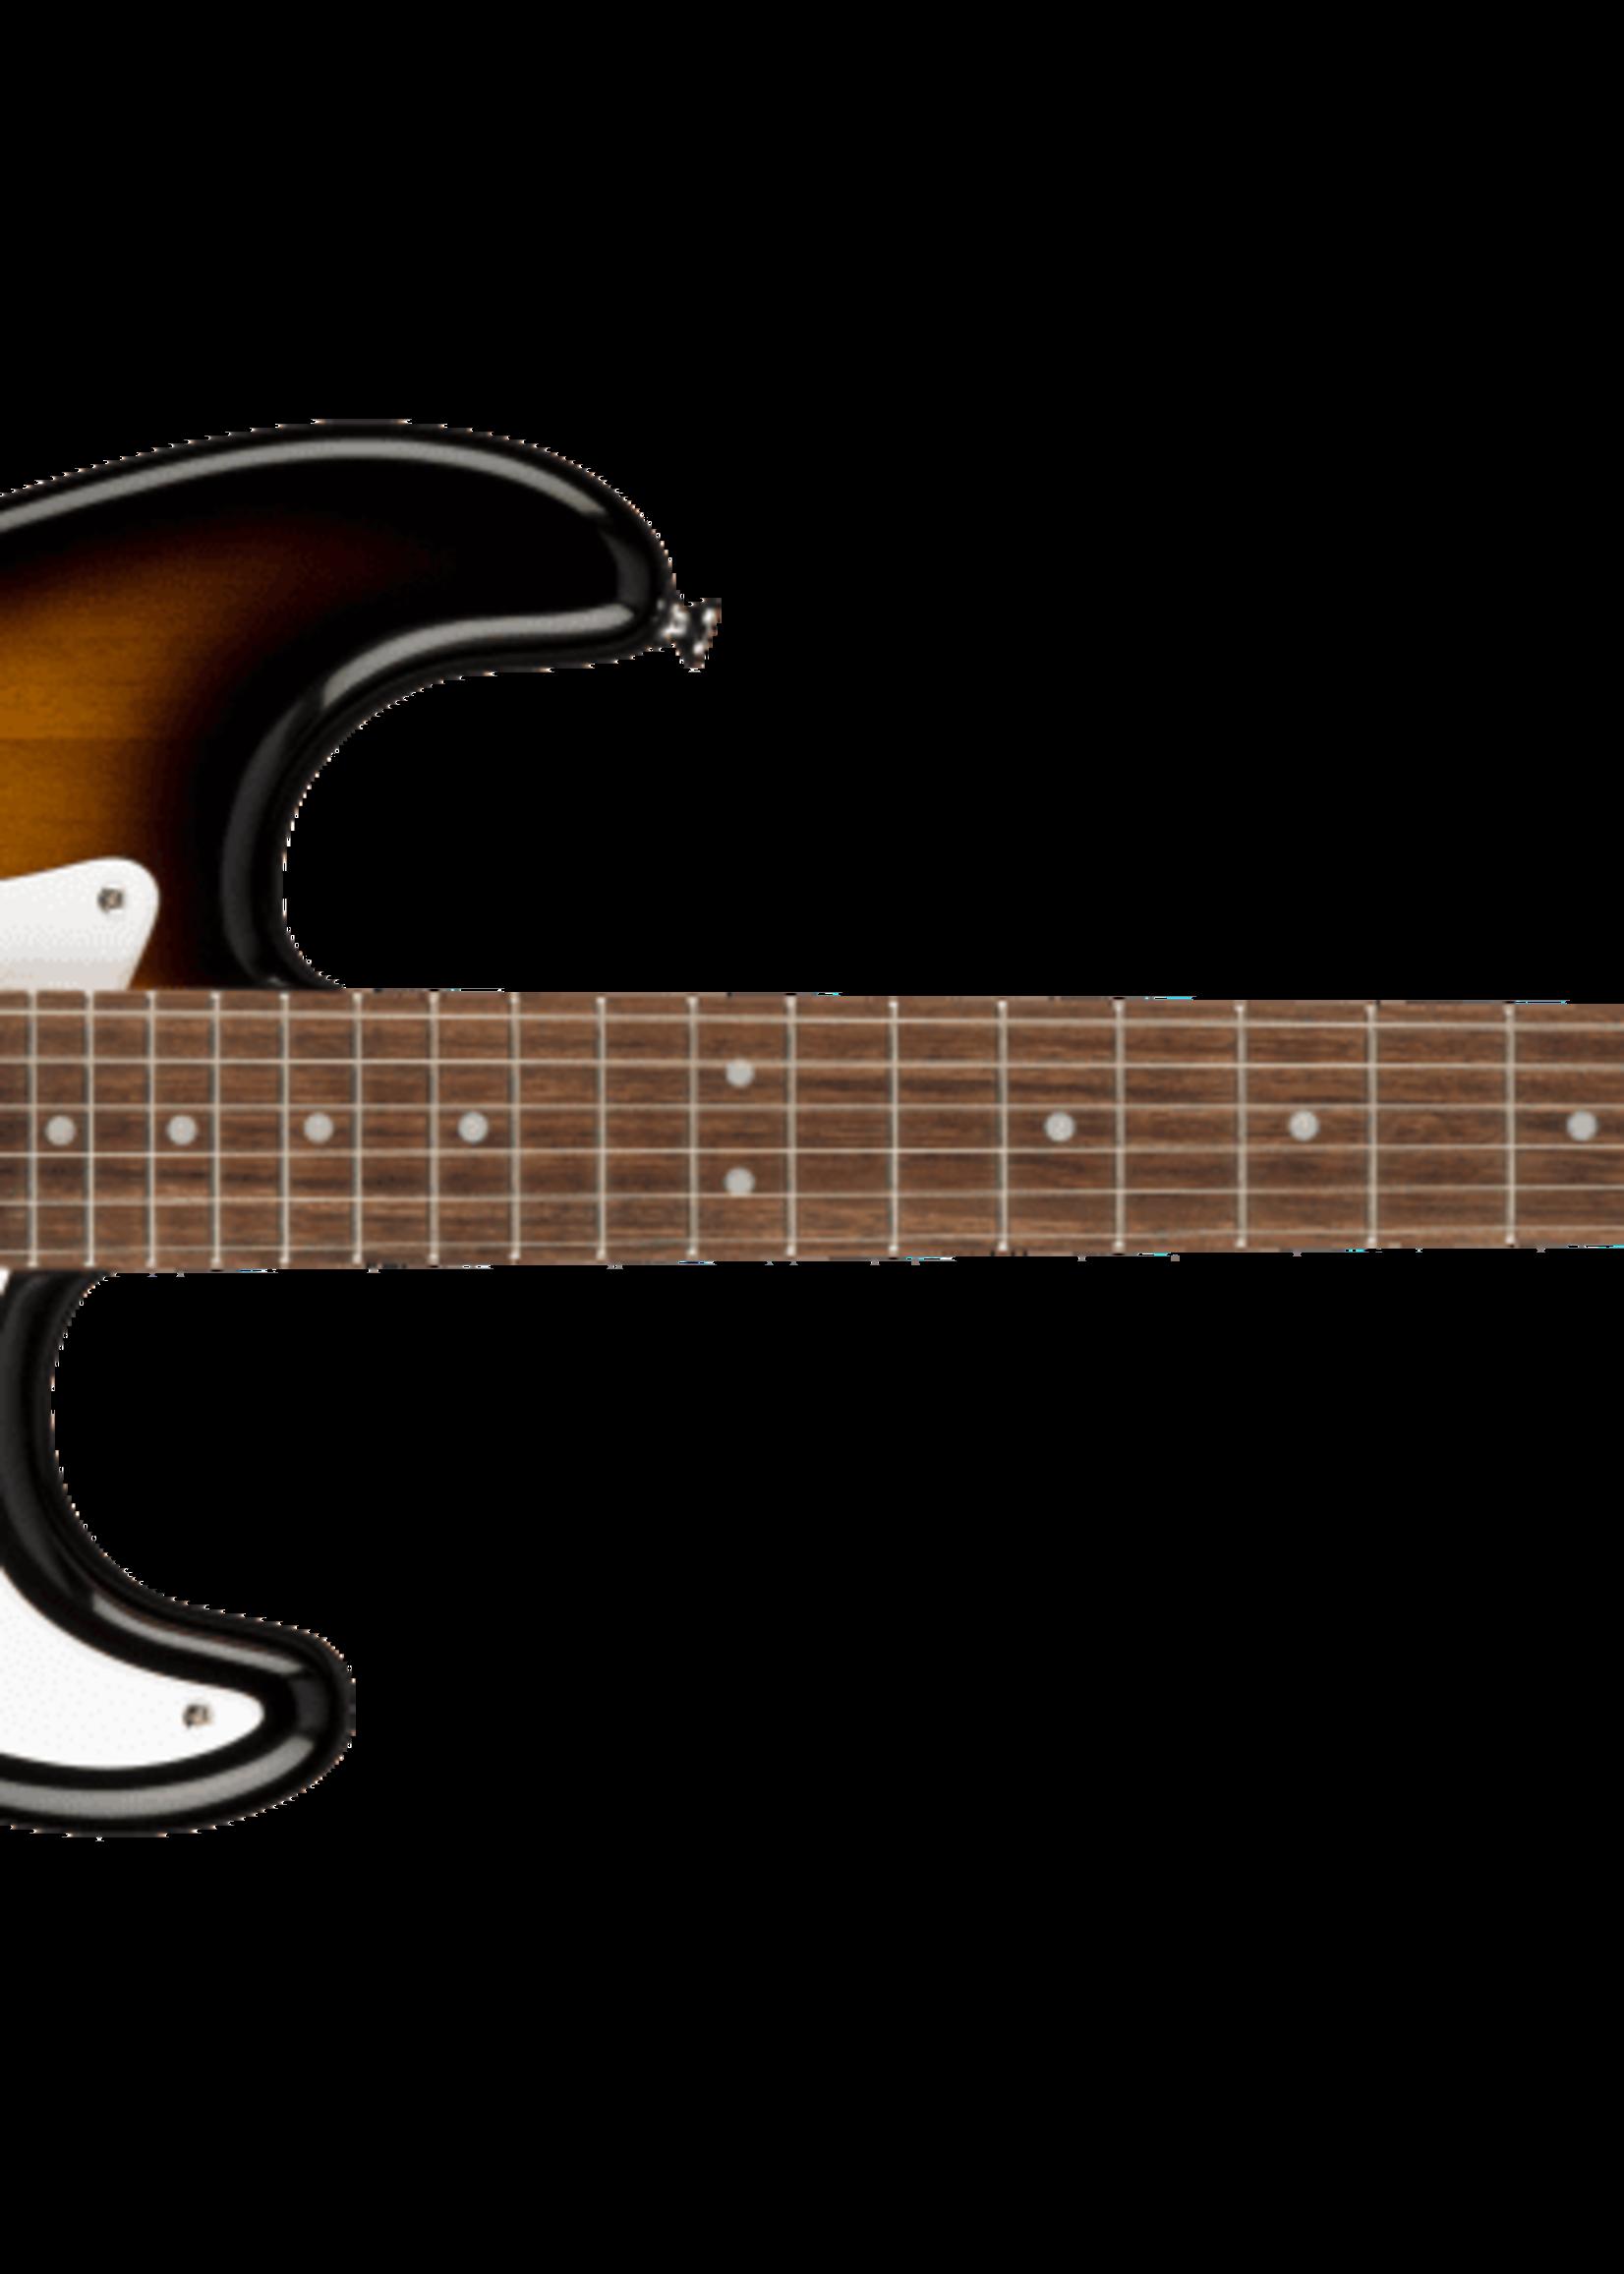 Squier Squier Stratocaster Pack 2 Tone Sunburst